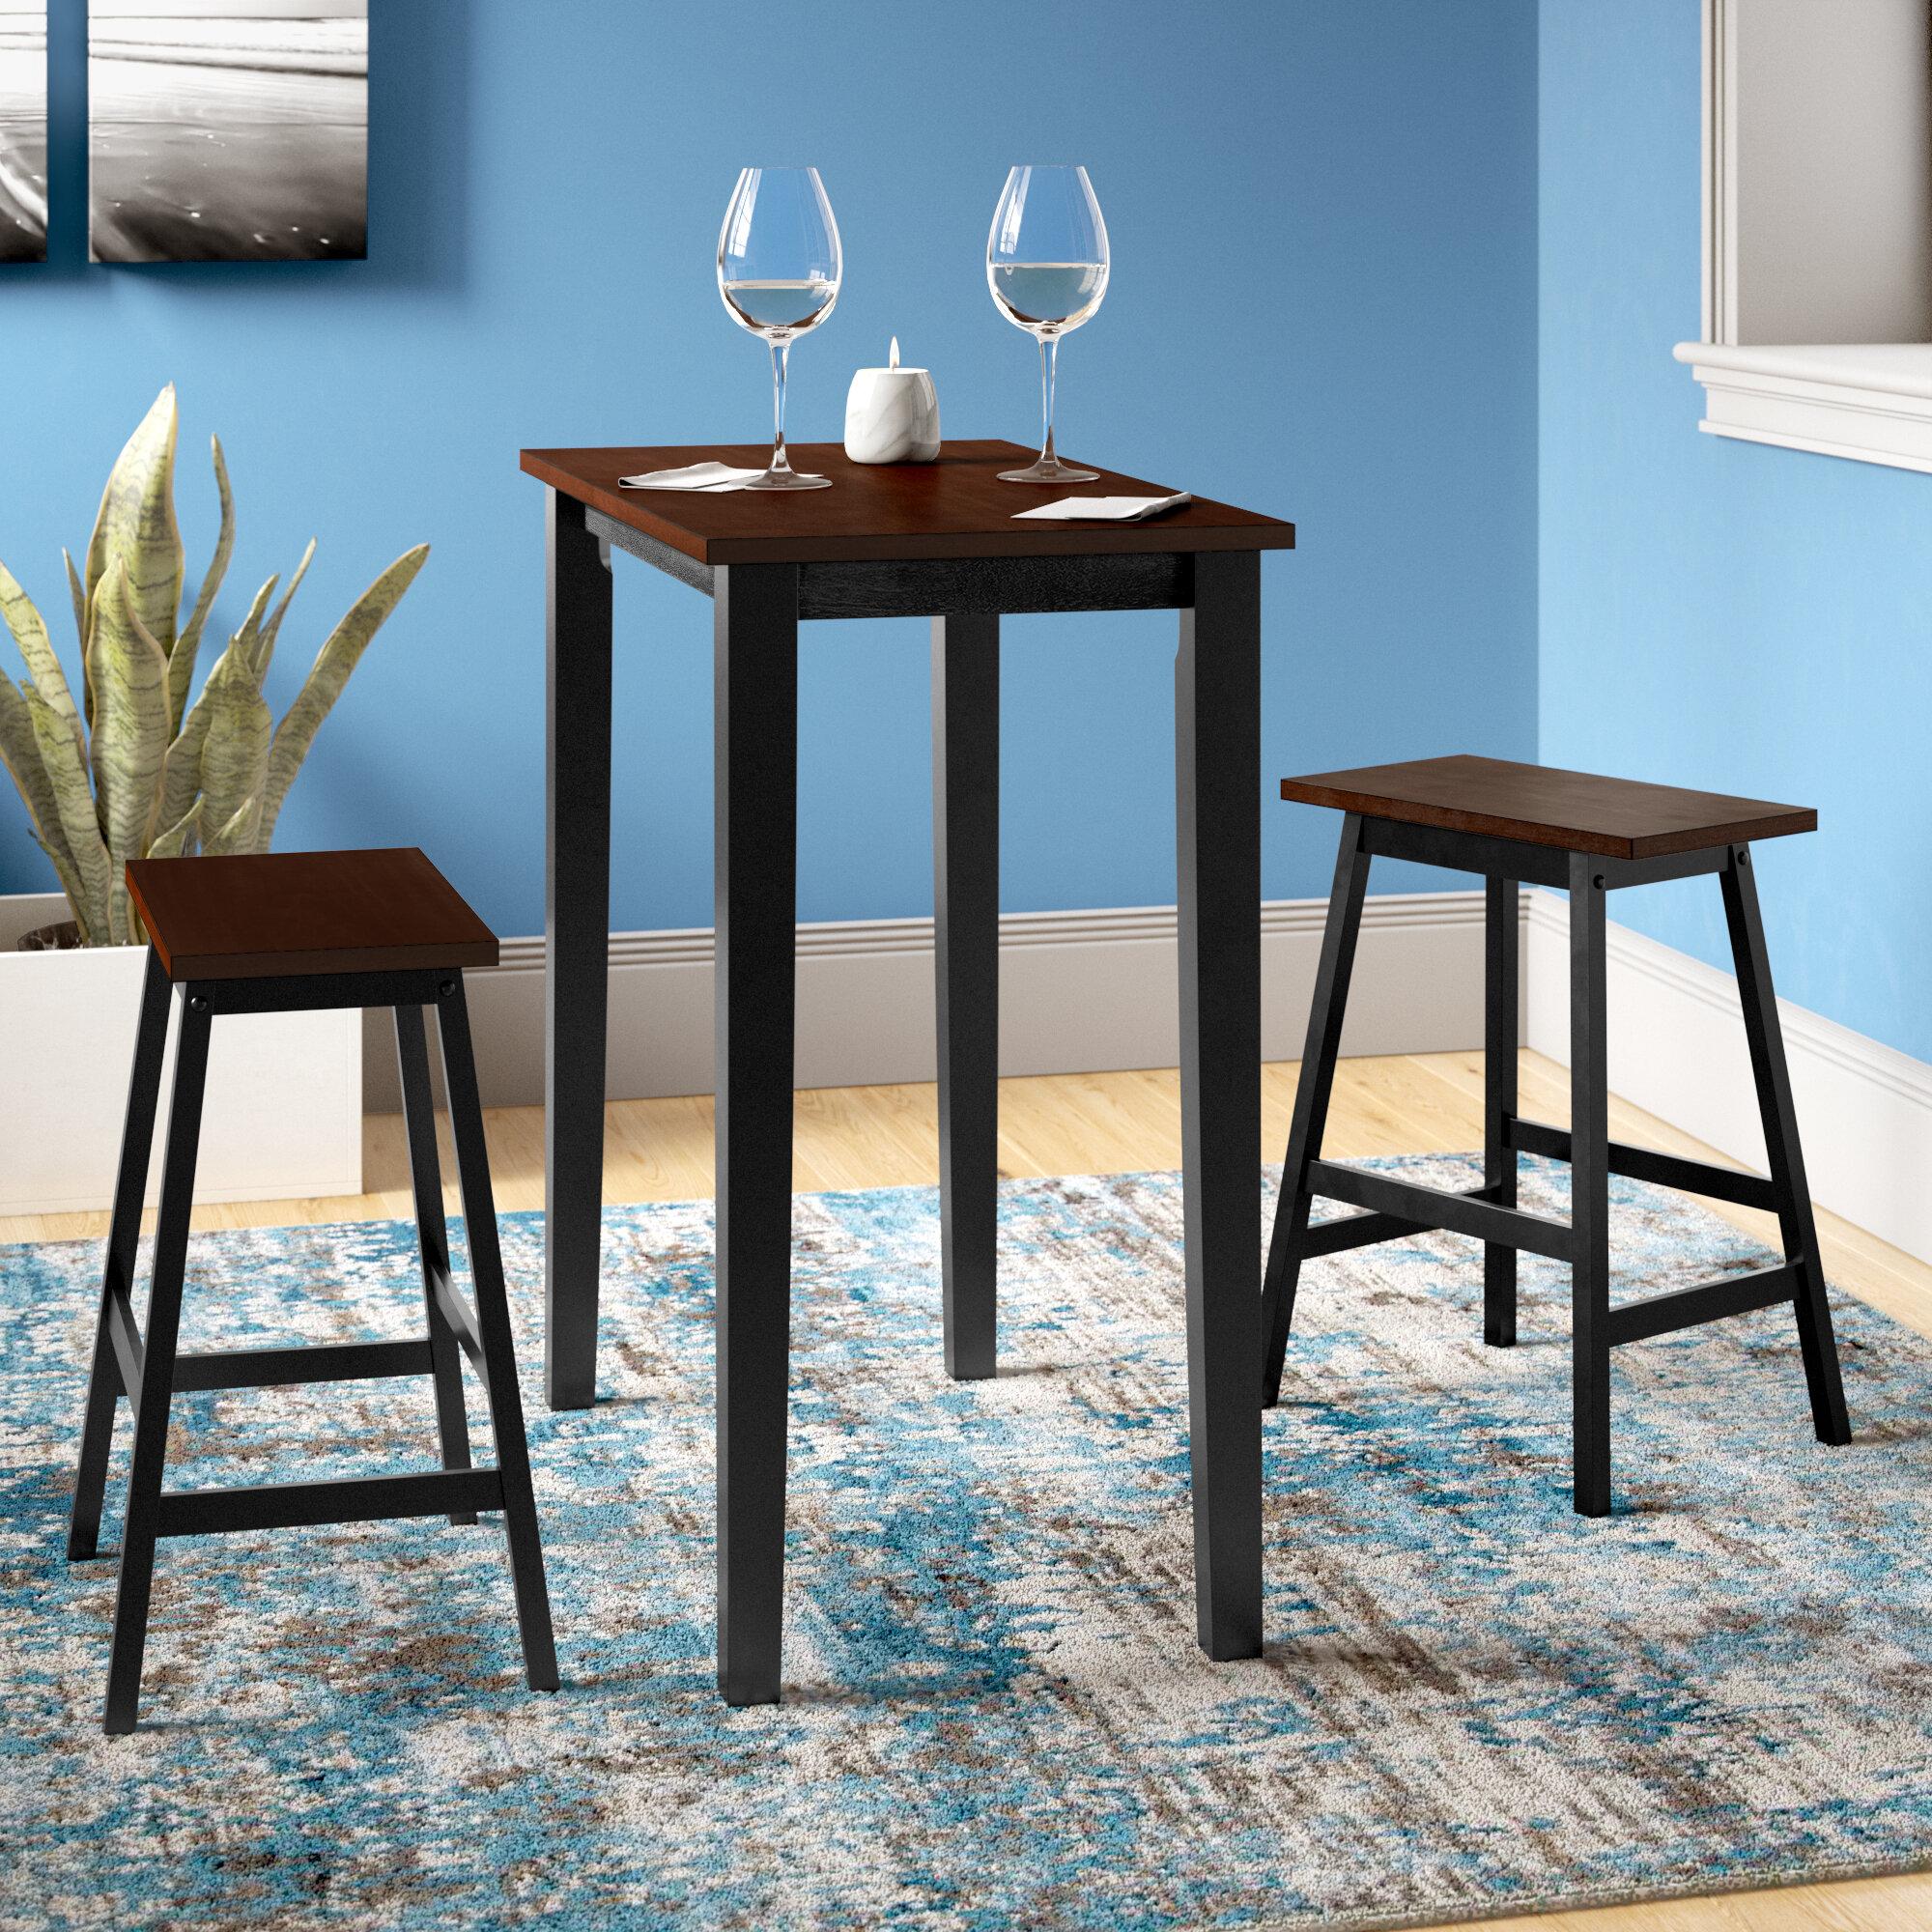 Zipcode Design Everett 3 Piece Dining Set & Reviews | Wayfair